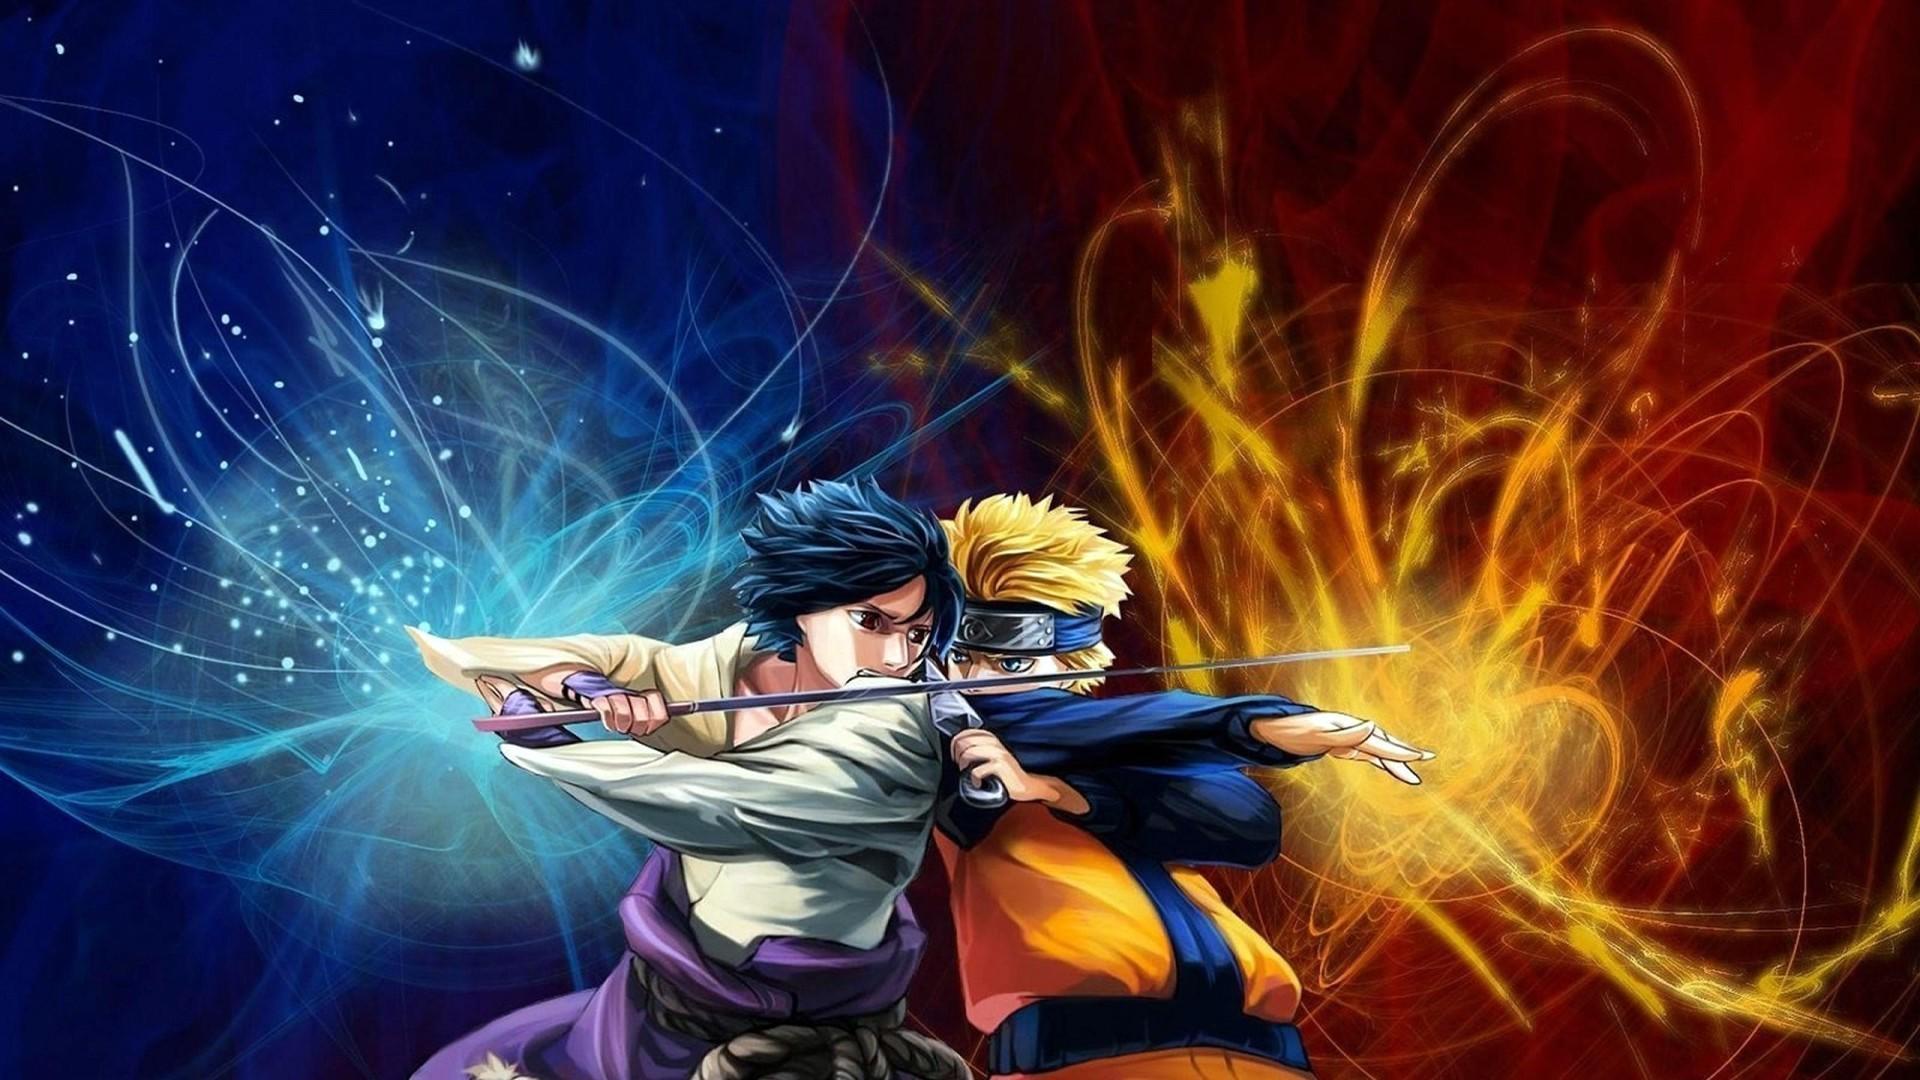 Fighting Uchiha Sasuke Naruto: Shippuden Uzumaki Naruto wallpaper |  | 183951 | WallpaperUP